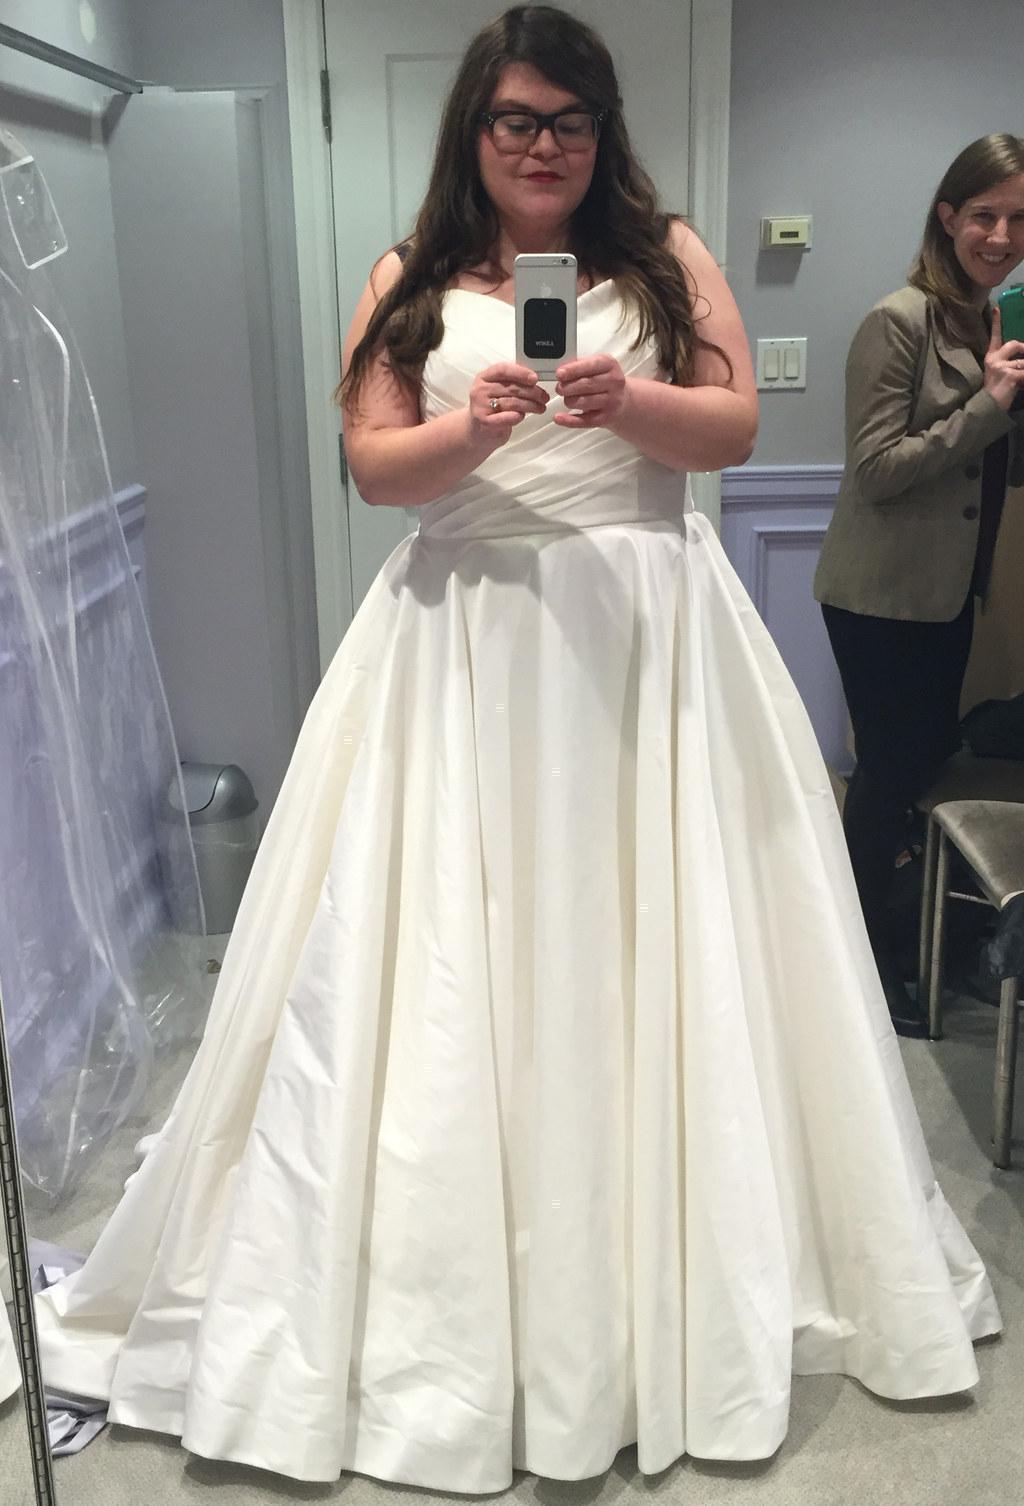 Wedding dress fails buzzfeed news